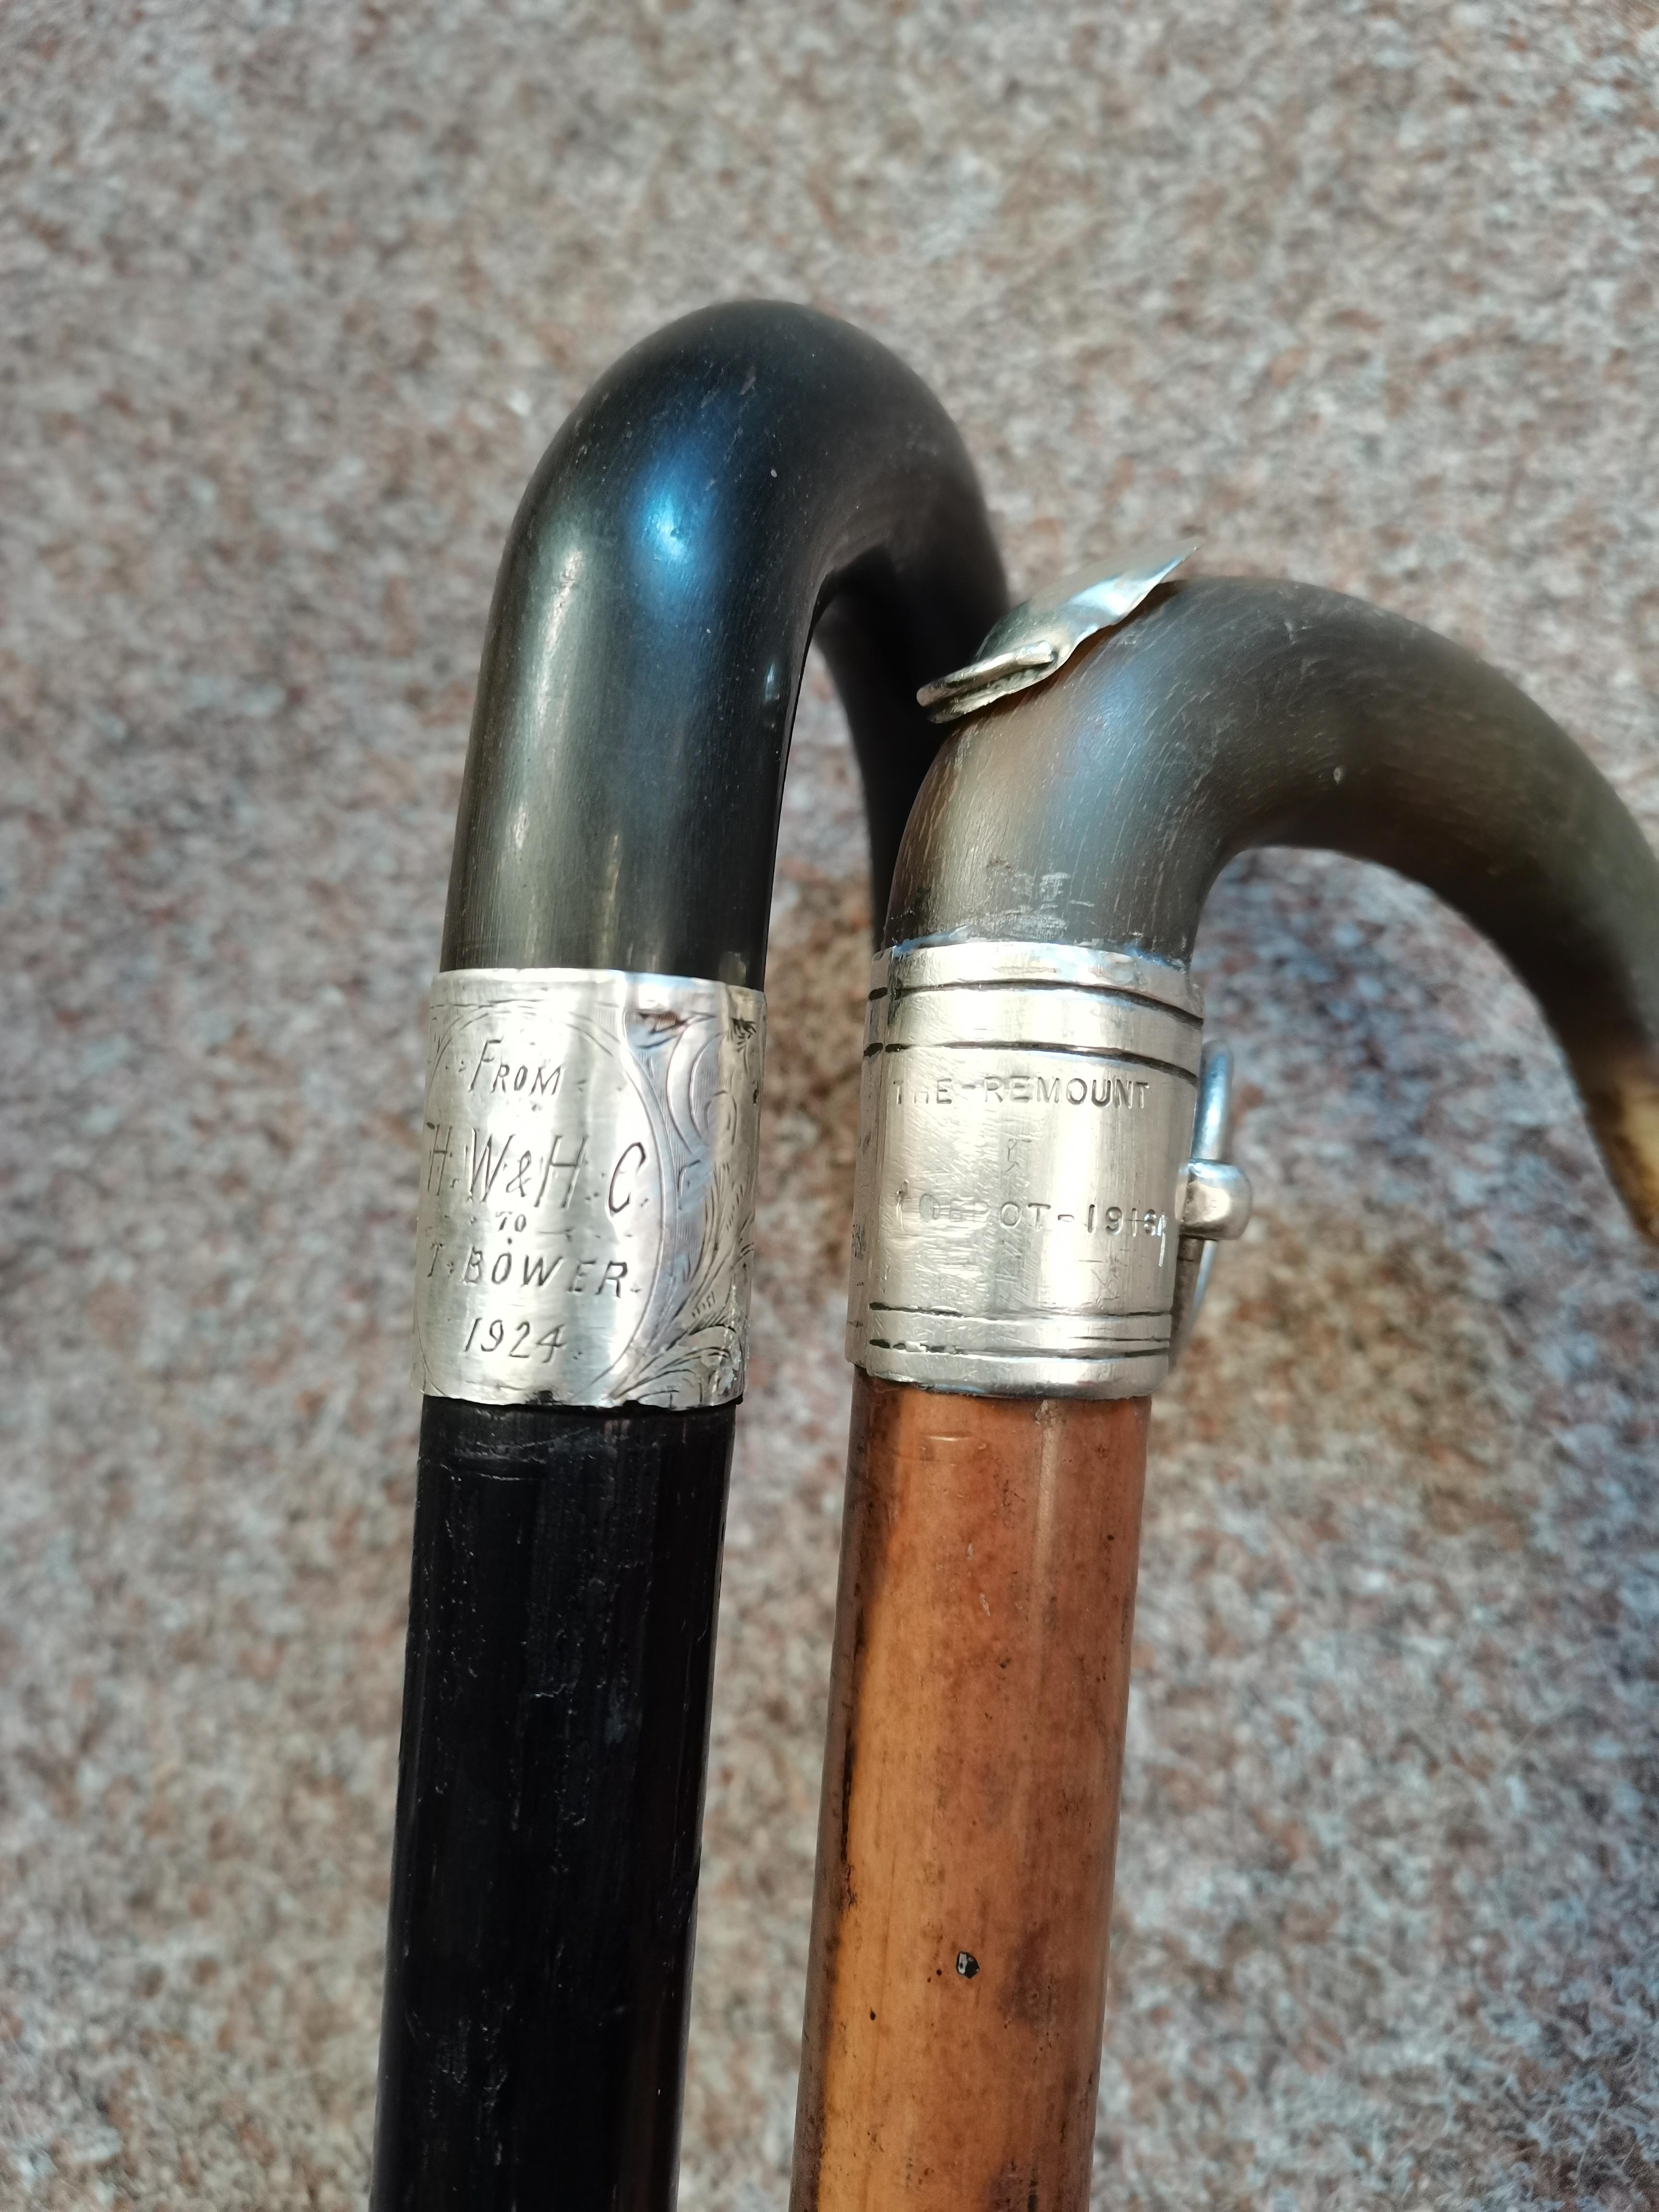 Antique flick stick plus stick - Image 2 of 2